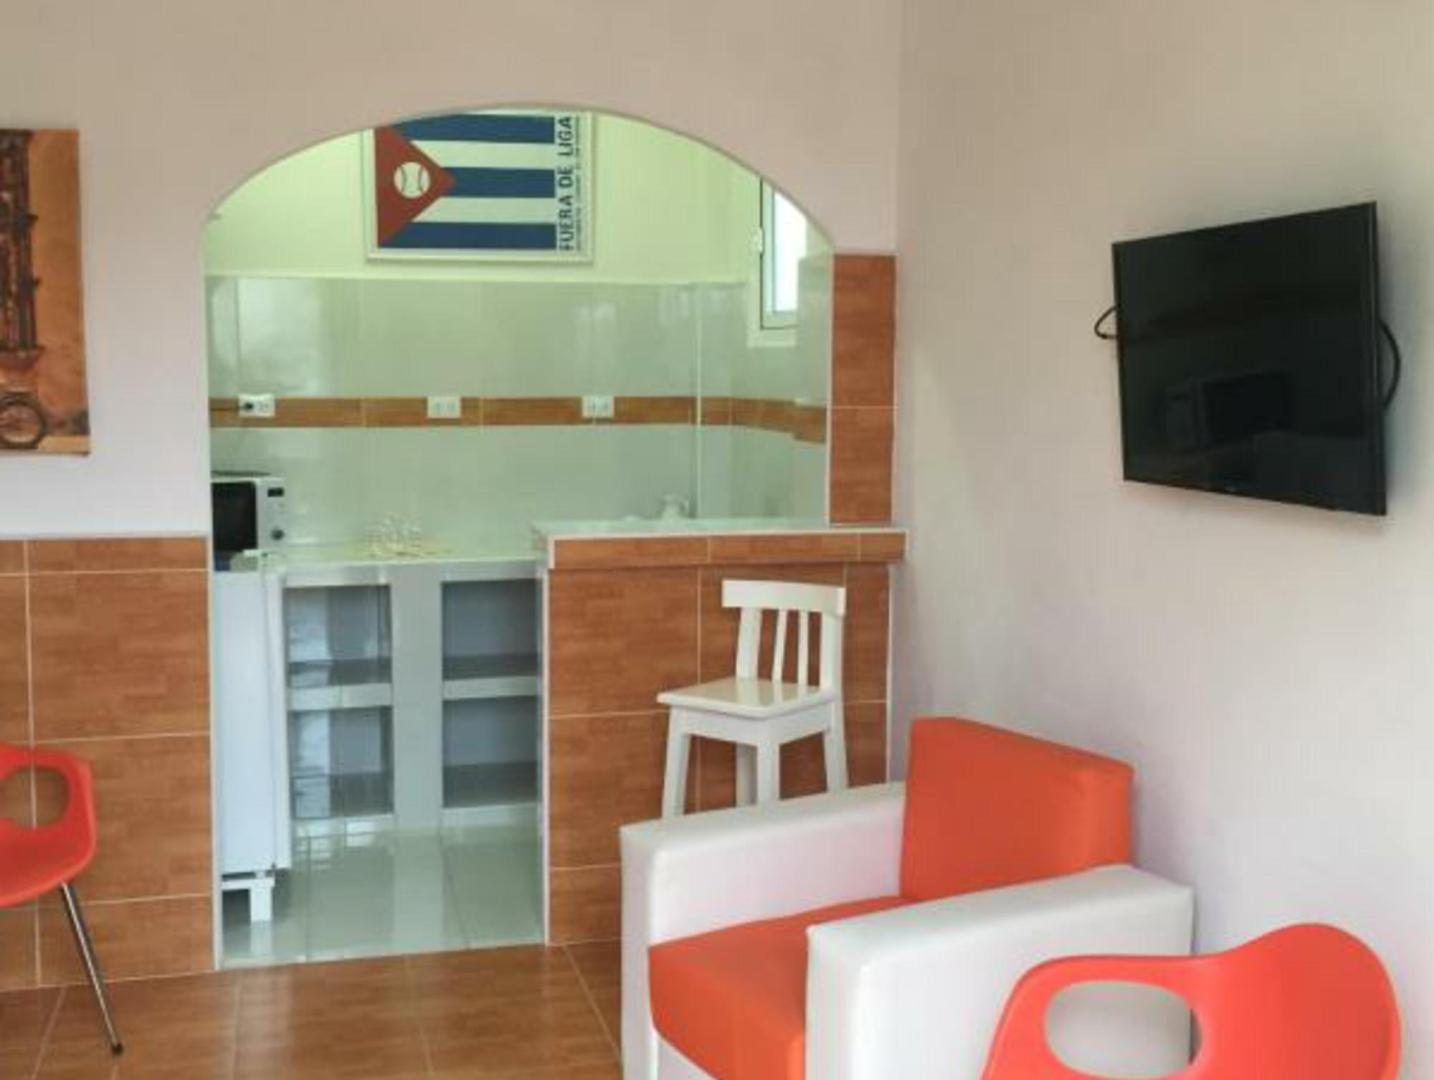 alquiler de habitaciones particulares en habana